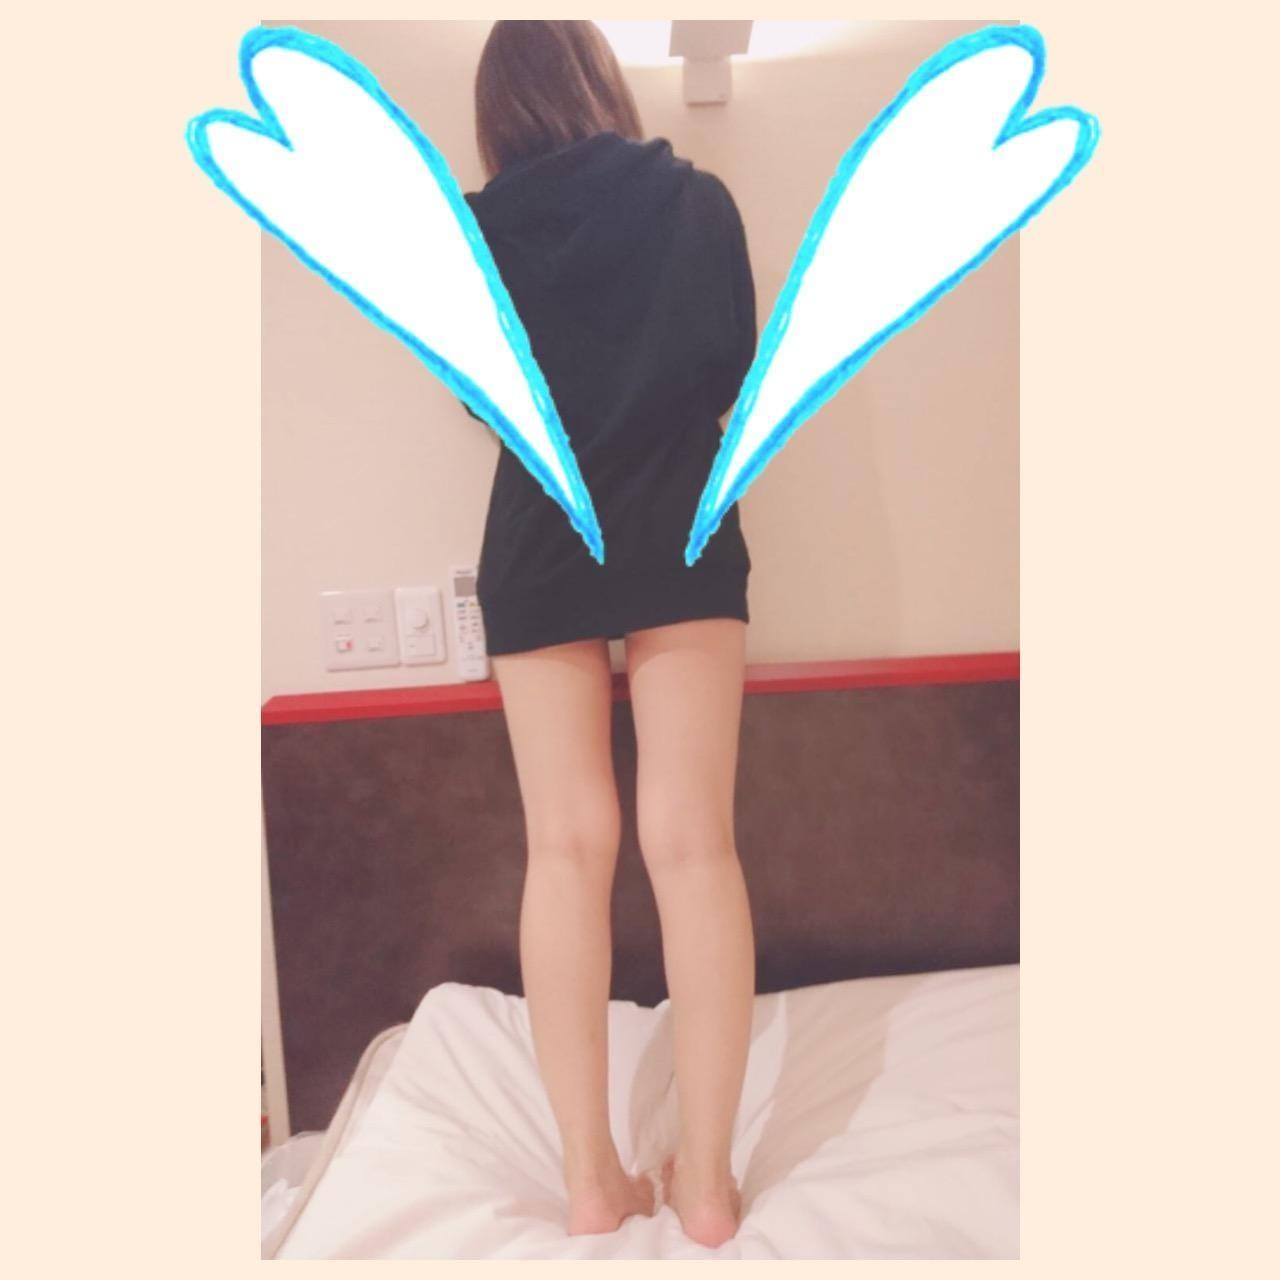 「かな」11/13(火) 00:58 | かなの写メ・風俗動画